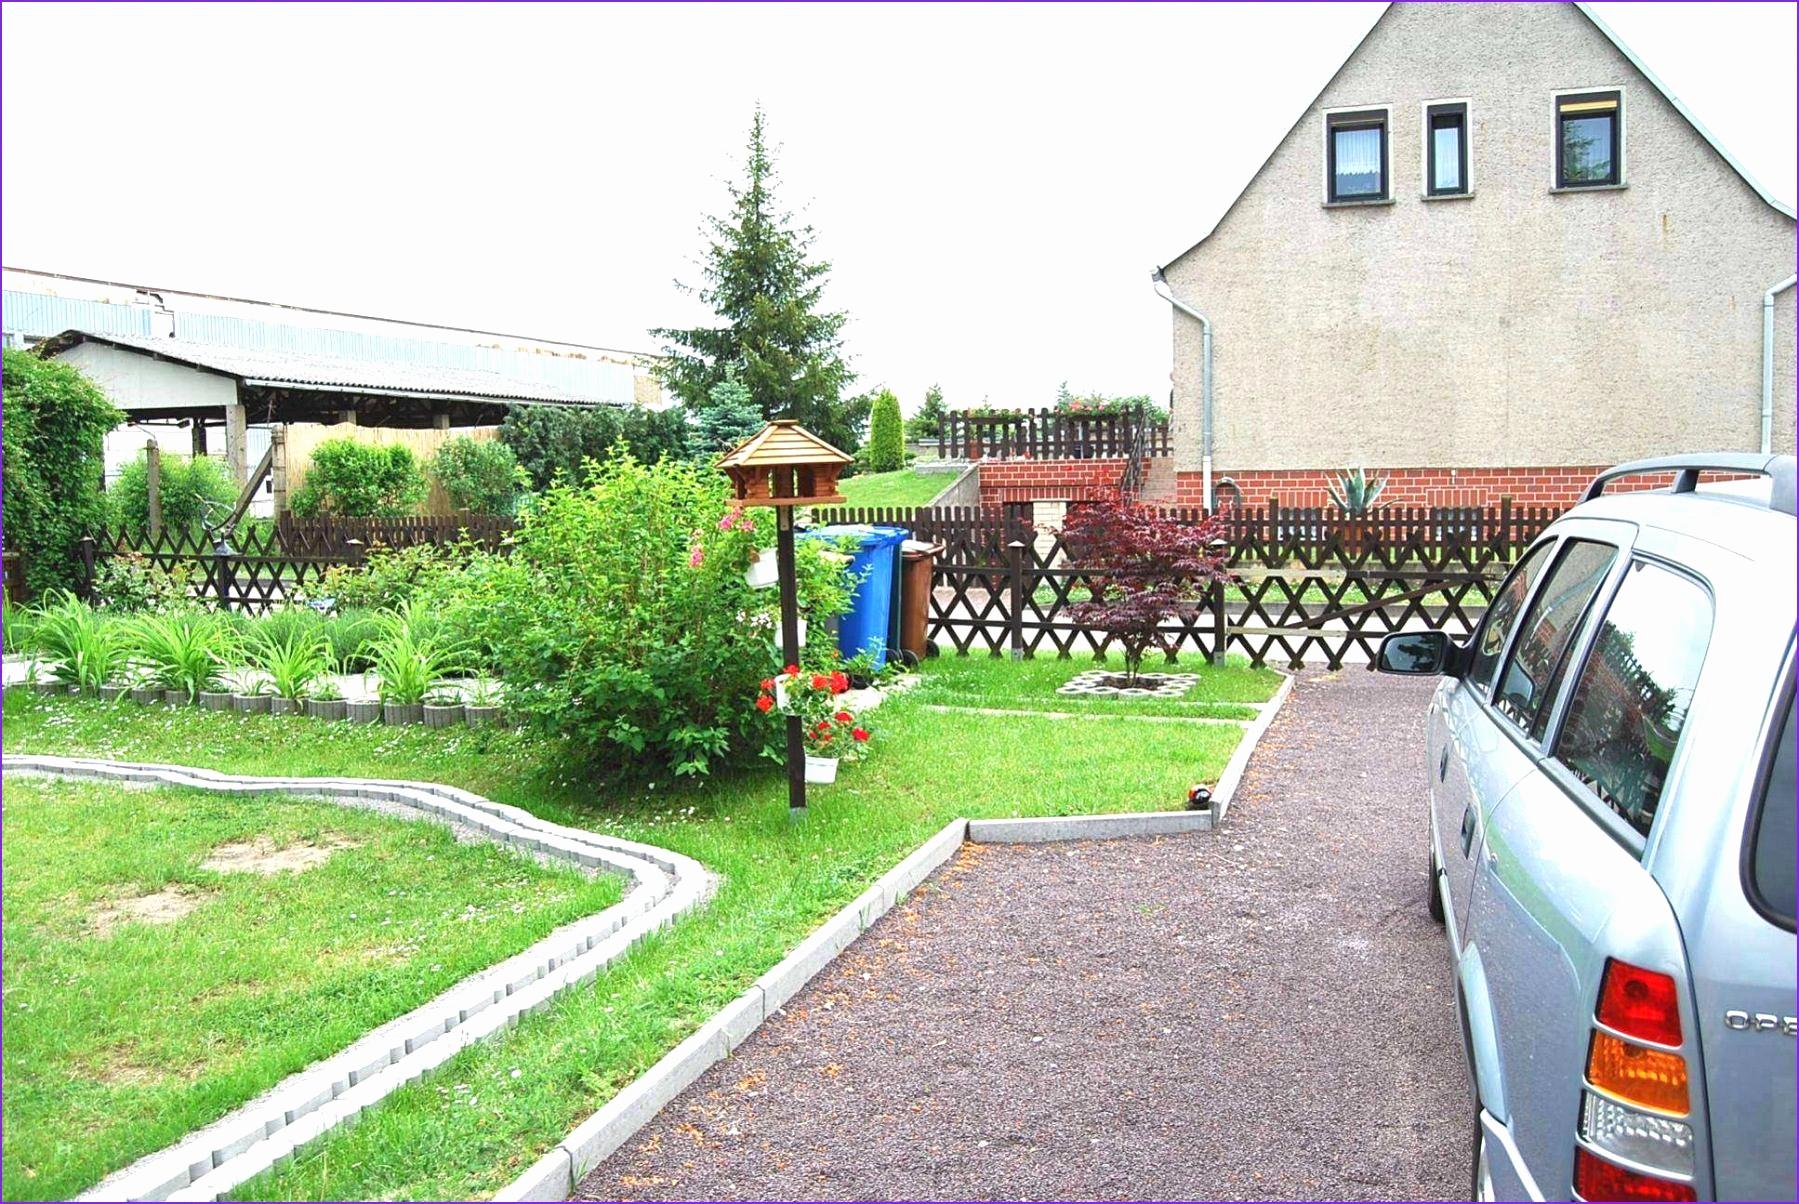 garden walkways new kleinen garten anlegen einzigartig garten ideas garten anlegen of garden walkways